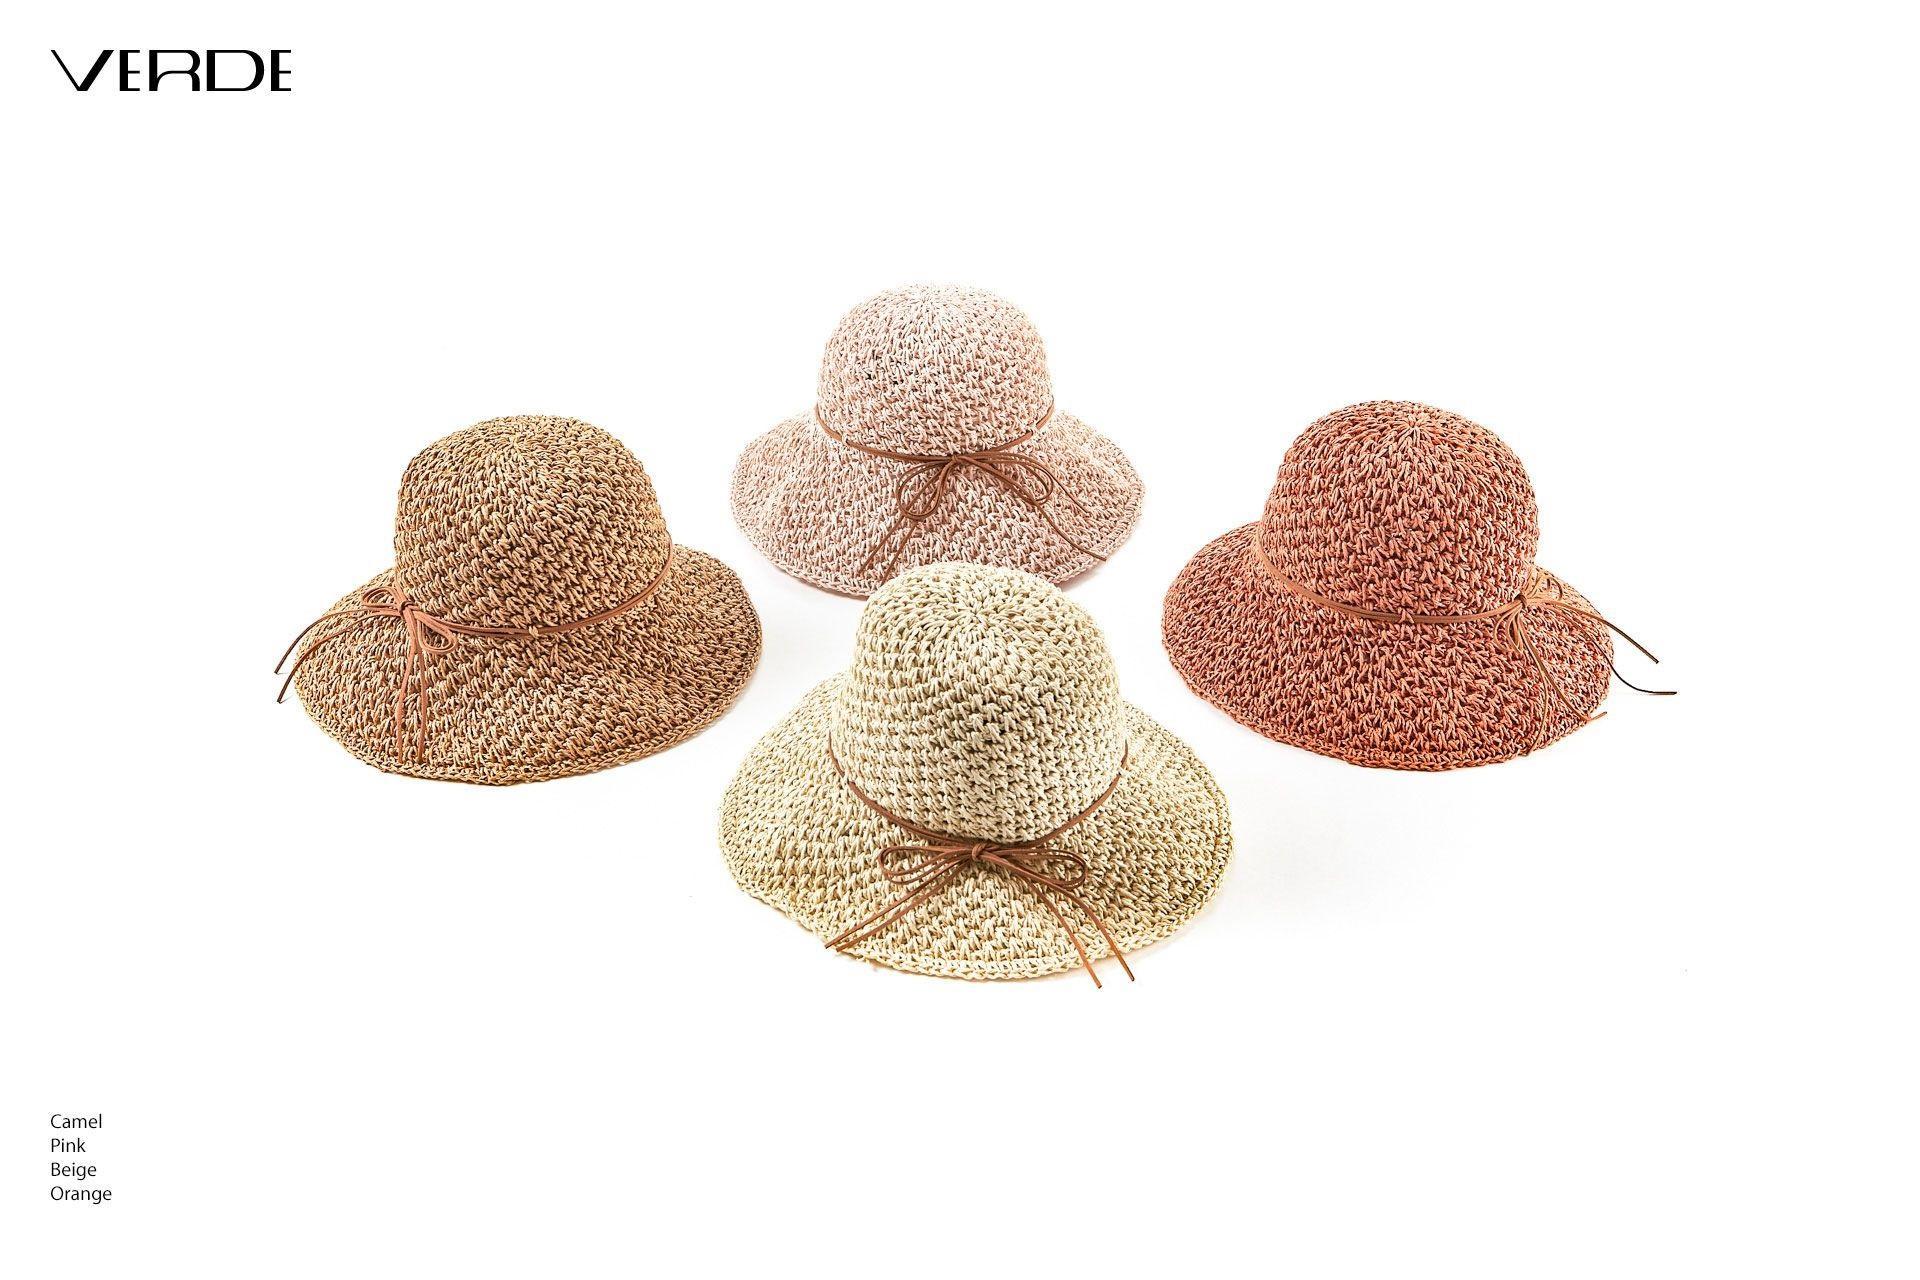 Chapeau de soleil souple | Chapeaux d'été  pas cher